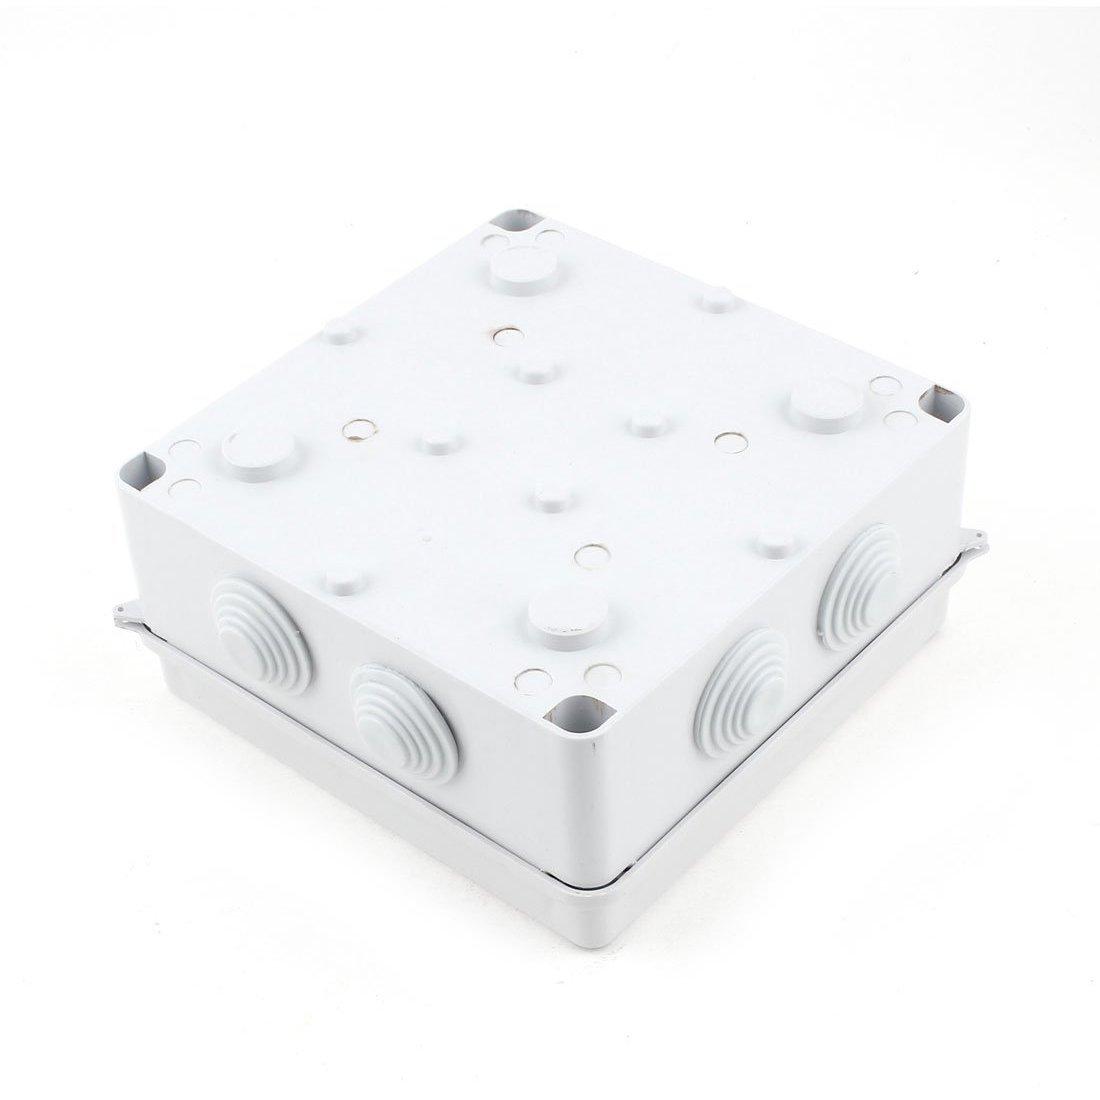 Wasserdicht IP65 25 mm Dia weiss ABS 150 x 150 x 70 mm Loch Abzweigkasten R TOOGOO